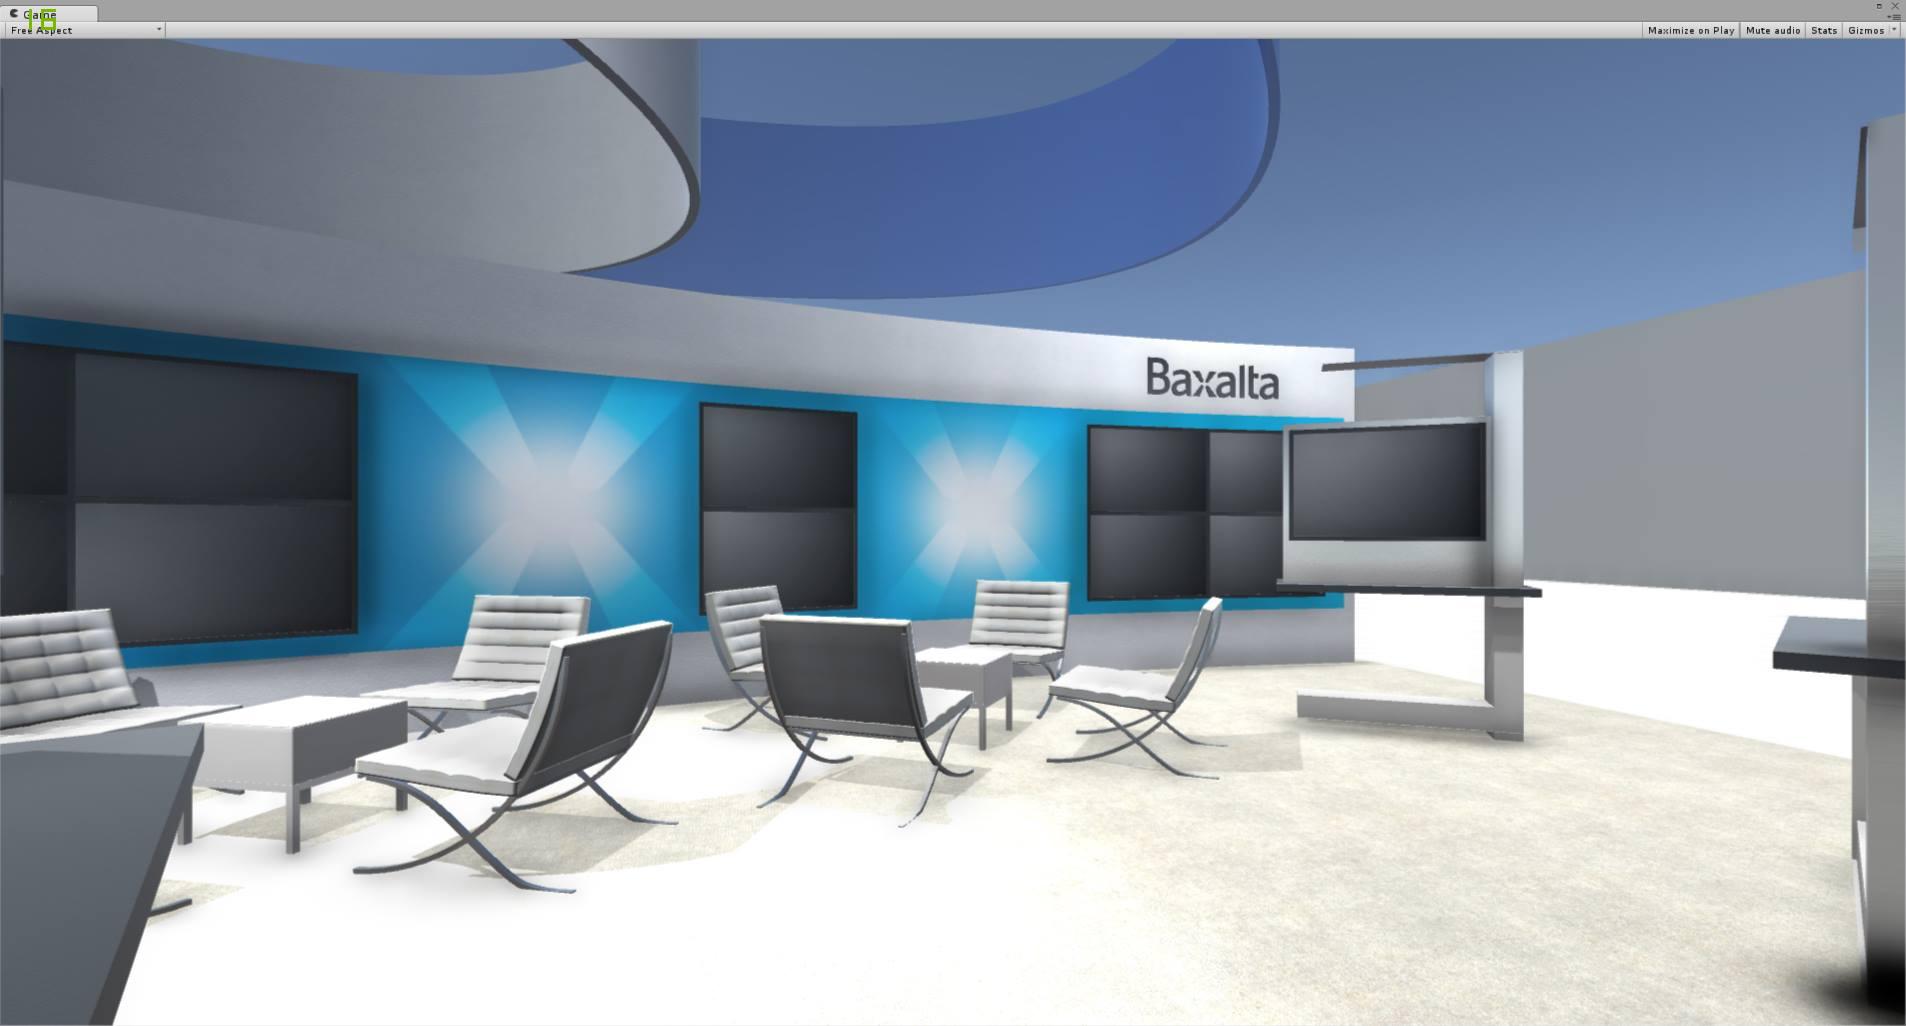 Baxalta  VR Environment Design(KeenLive)